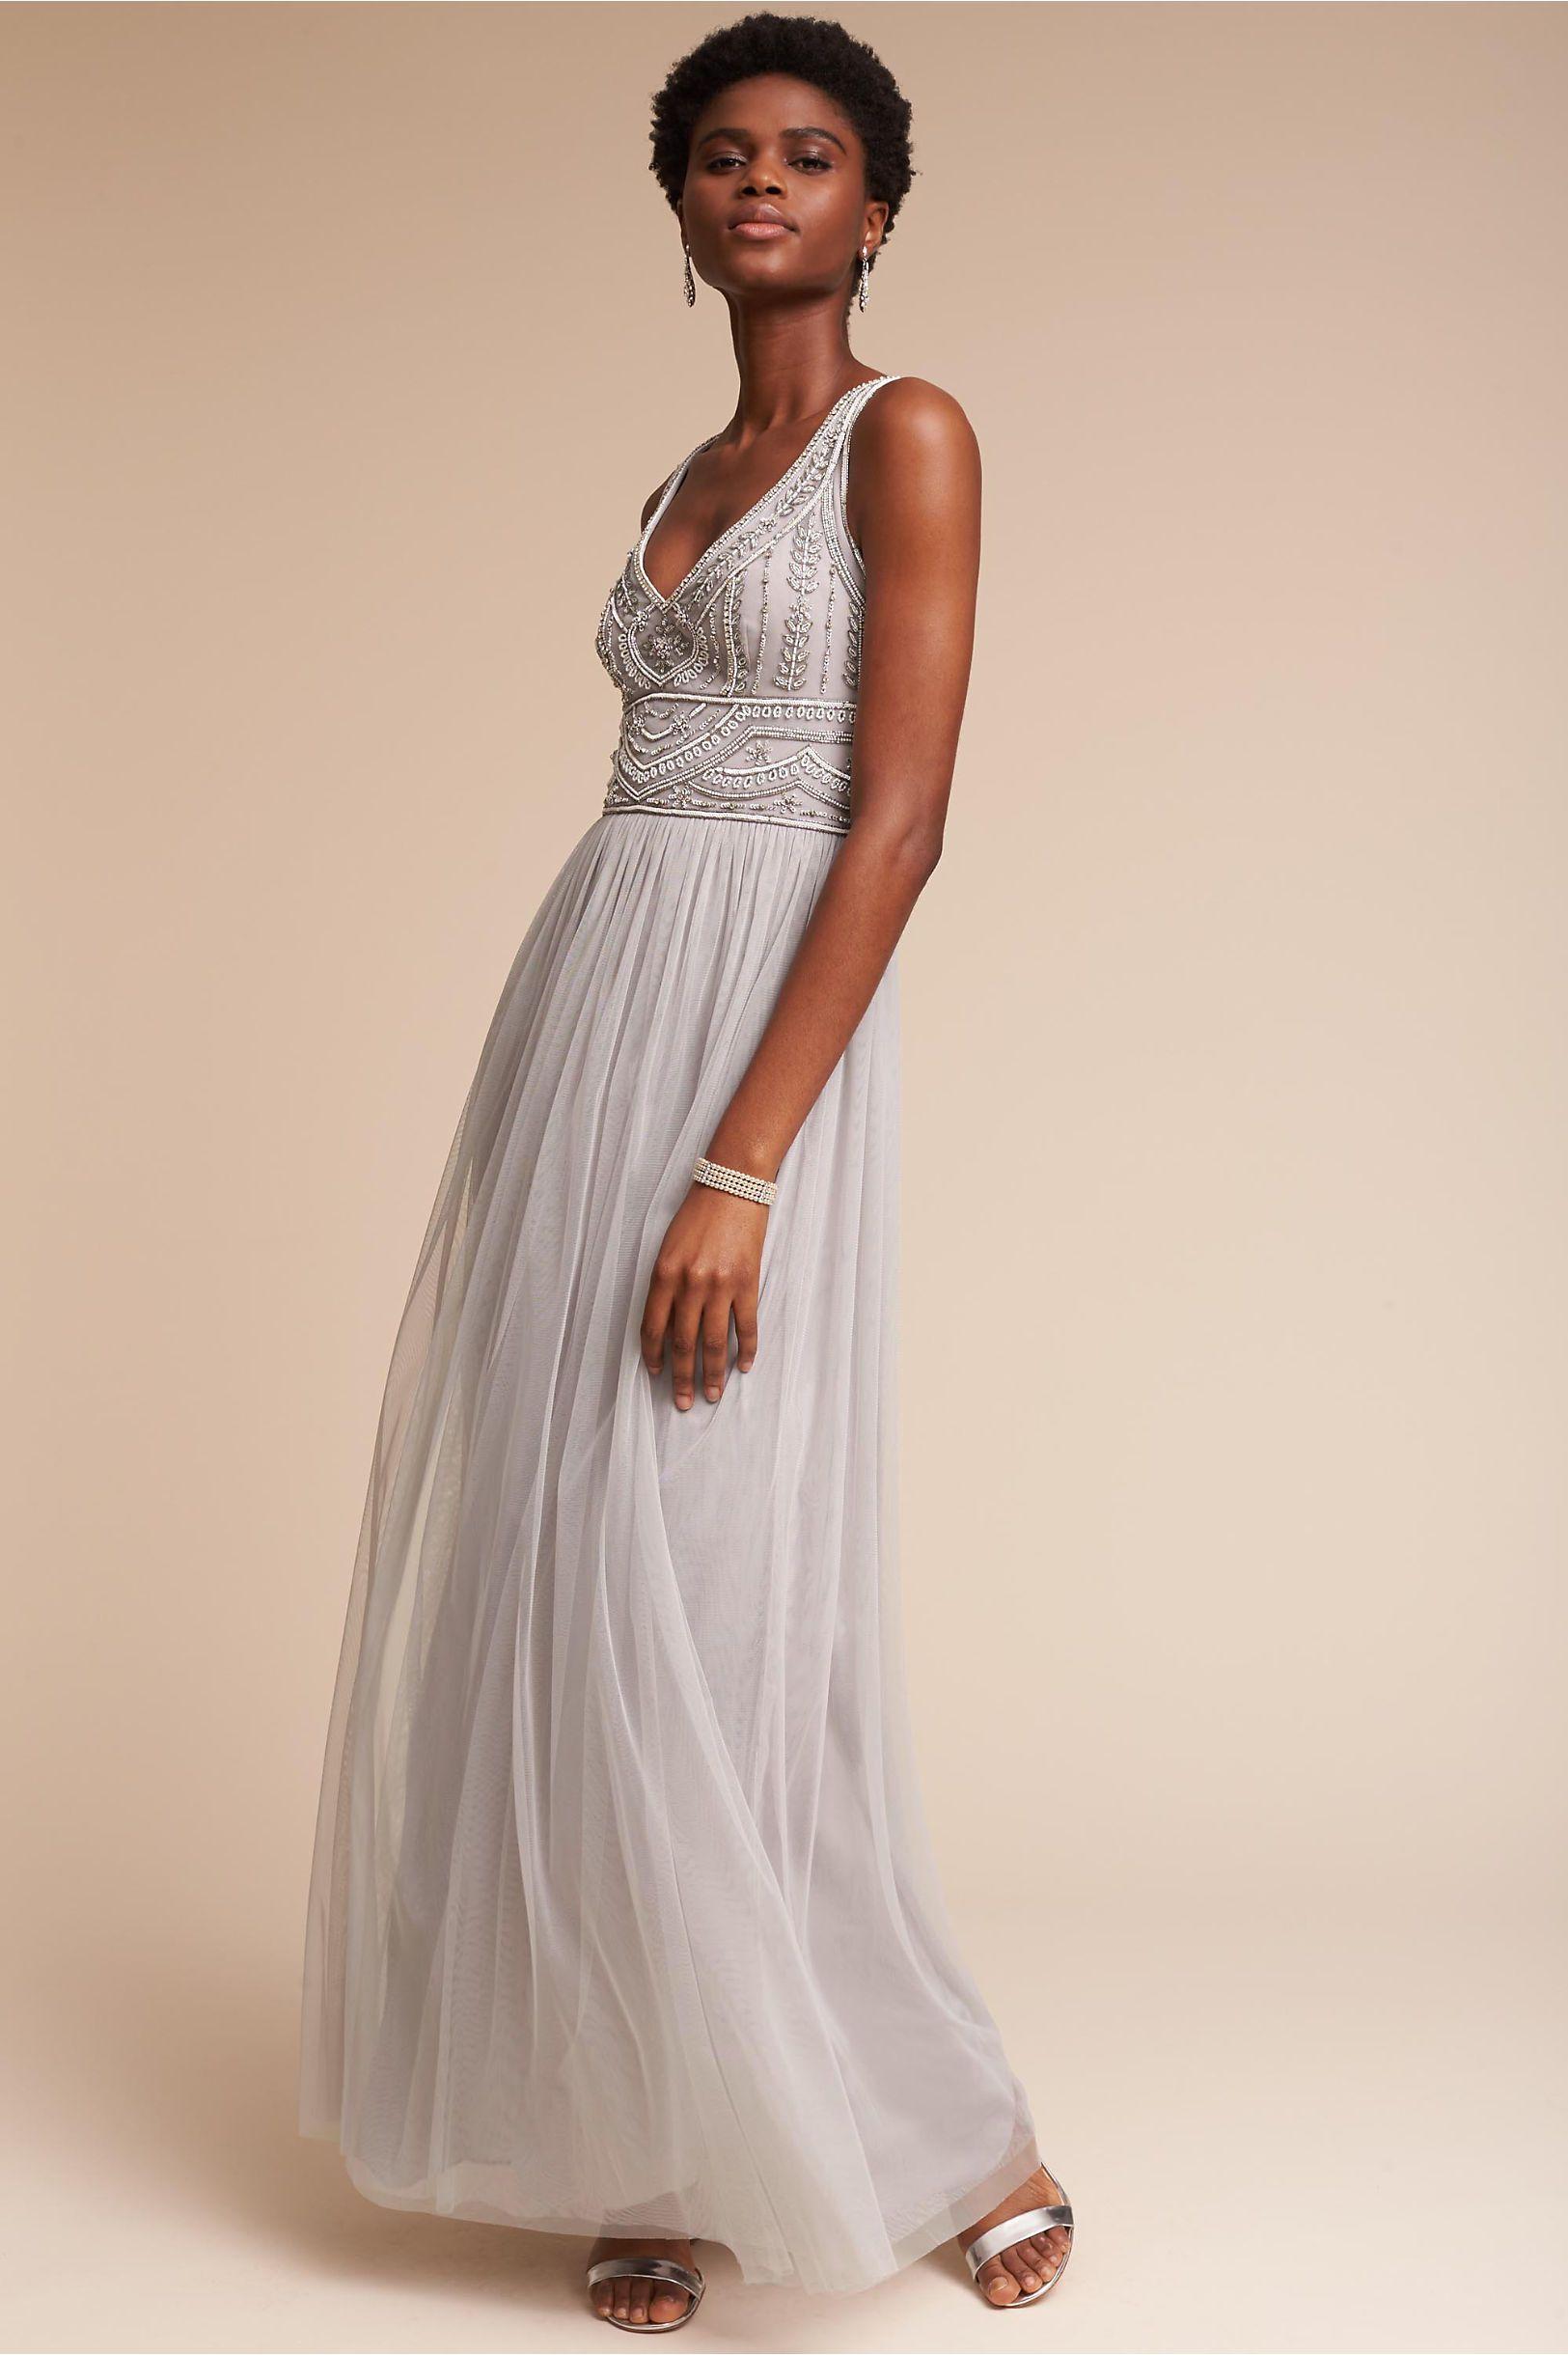 Tadashi shoji wedding guest dresses  BHLDN Sterling Dress Ivory in Bride  BHLDN  Sarah Wedding